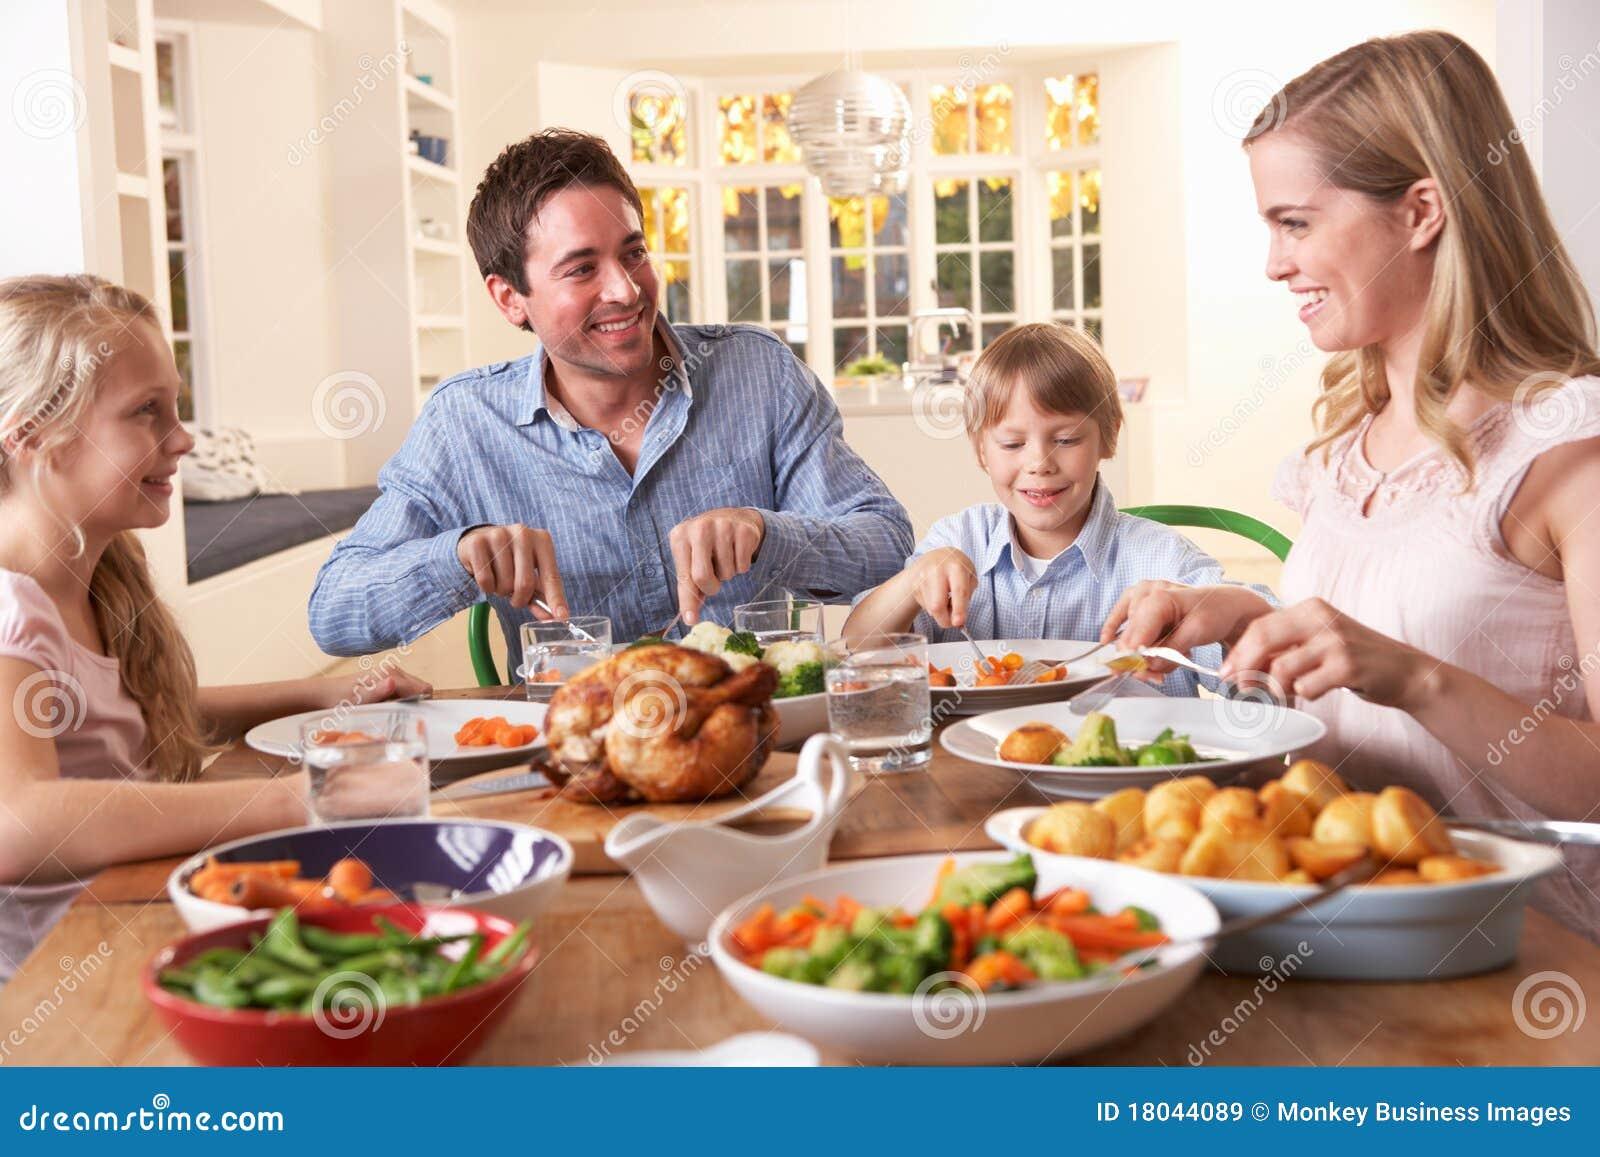 Glückliche Familie, die Bratenhuhn am Tisch zu Abend isst